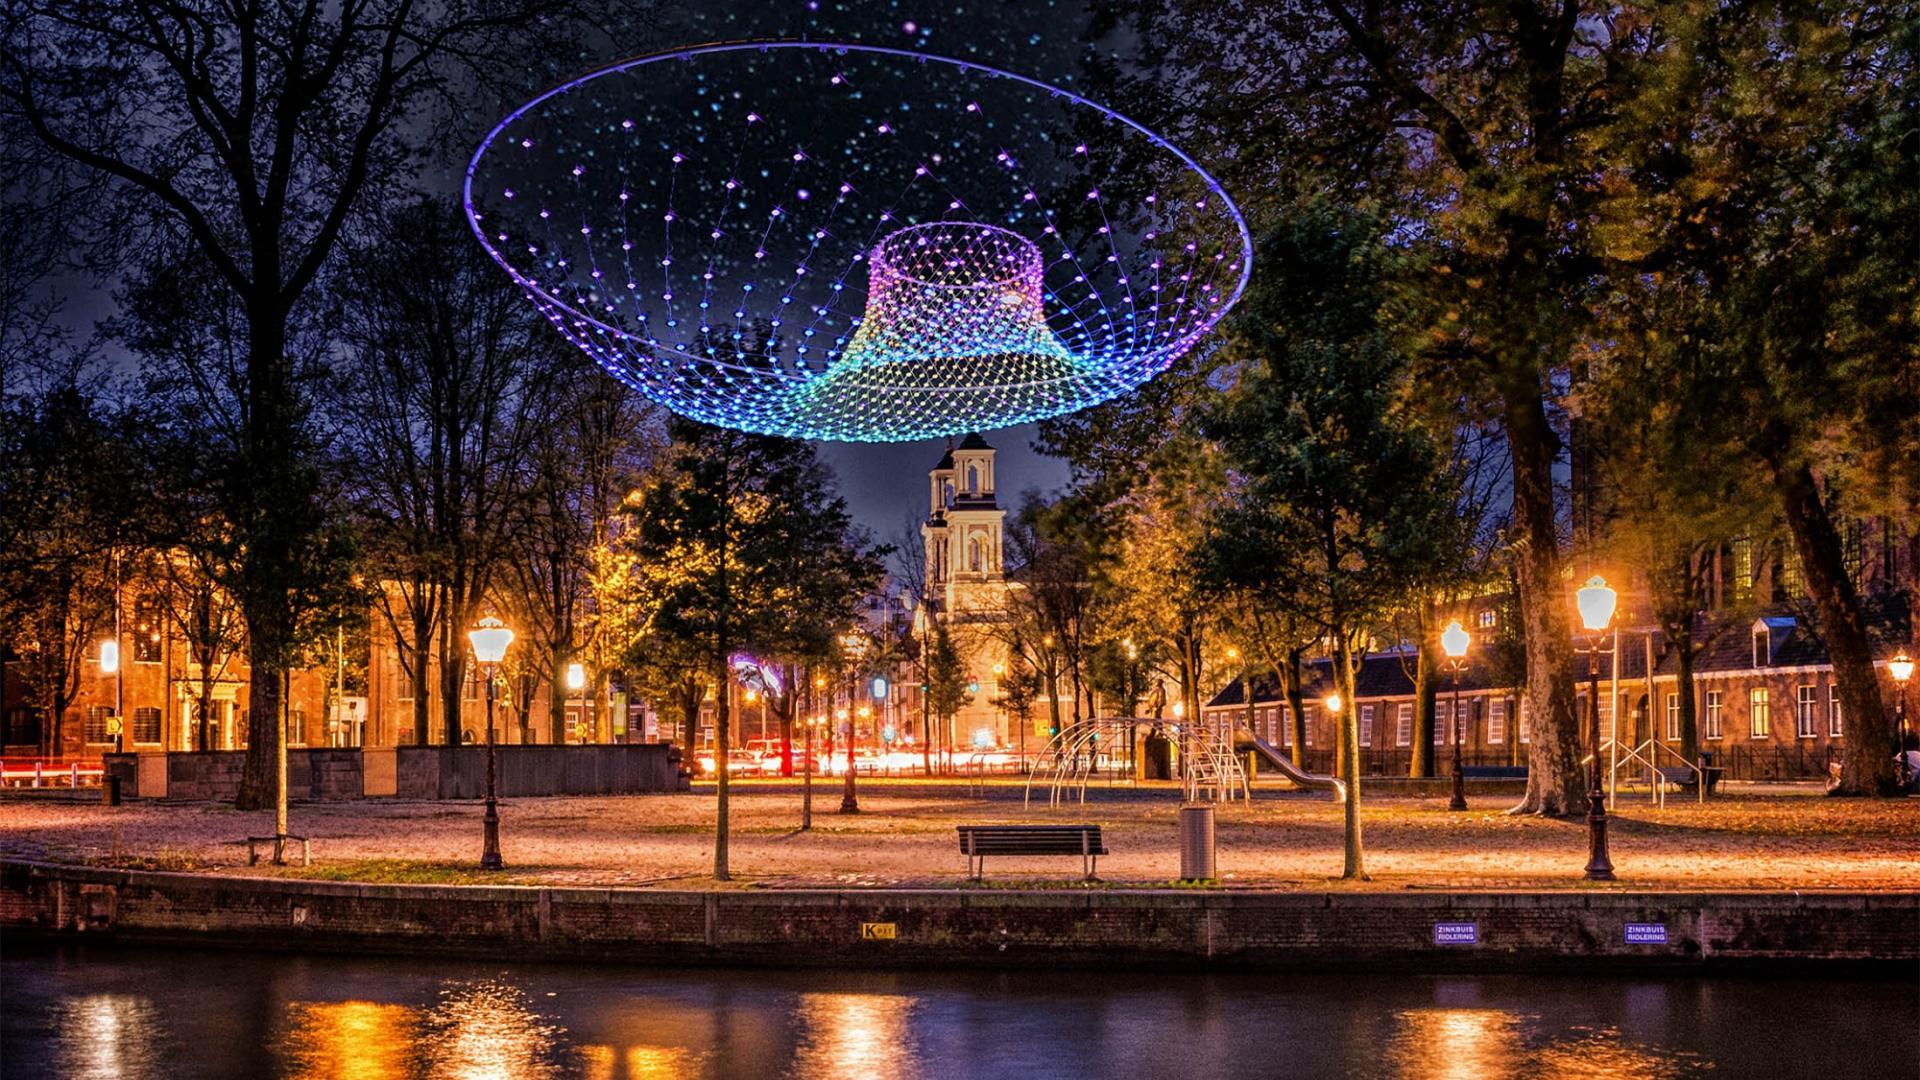 2 of 3 dagen 4*-Van der Valk hotel bij Amsterdam incl. luxe rondvaart rederij Nassau tijdens Amsterdam Light Festival